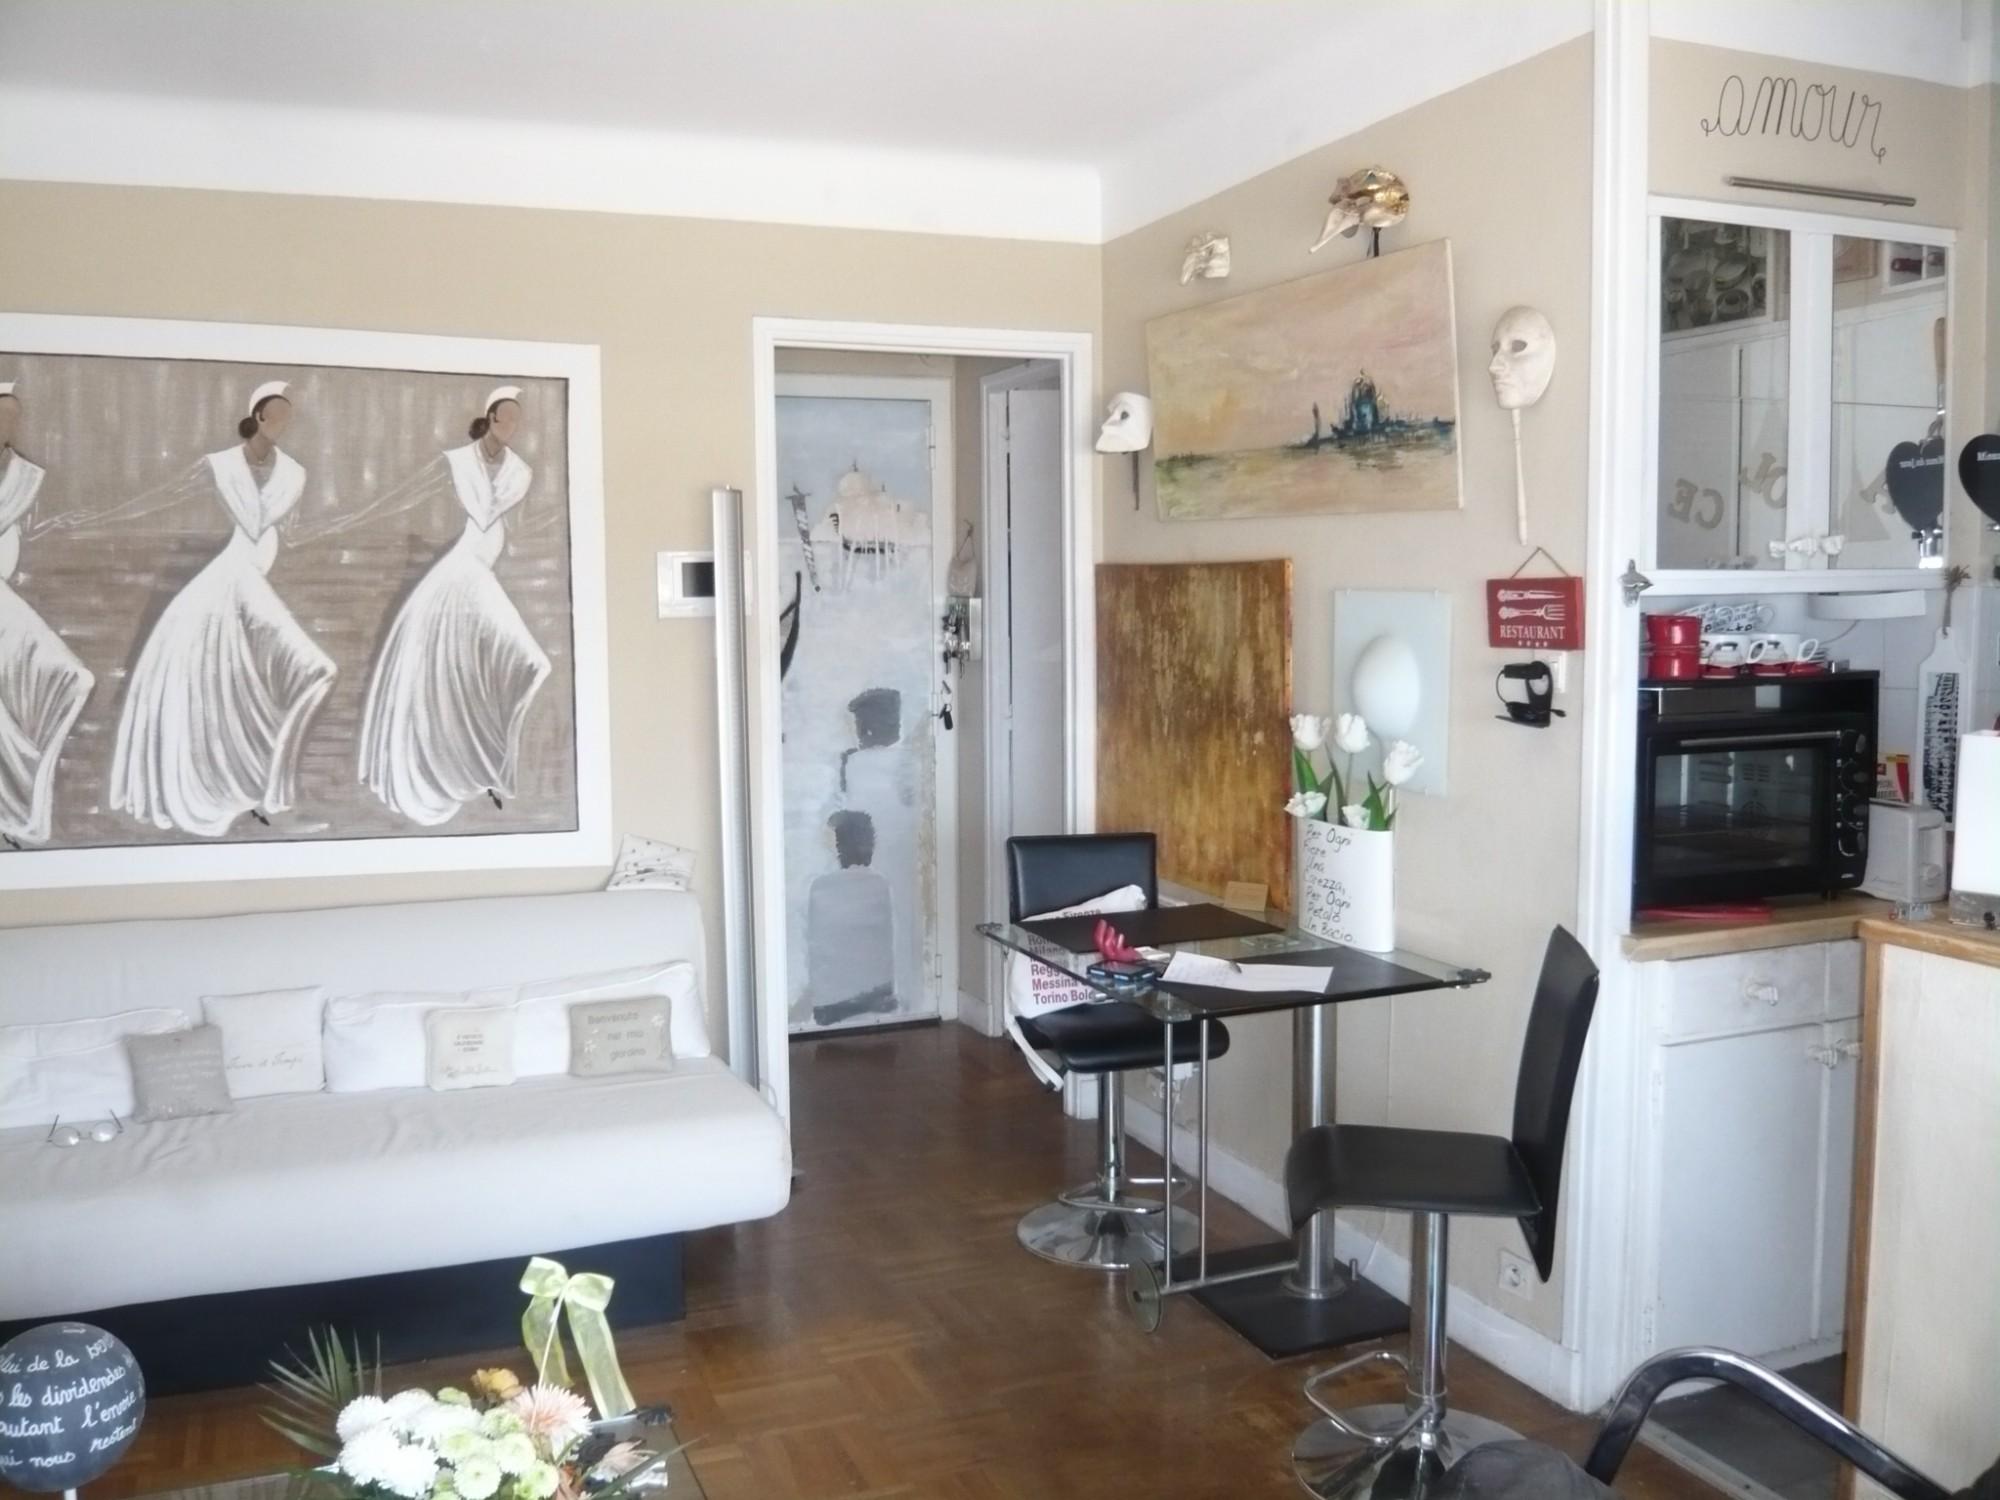 ventes viager t2 f2 marseille 13007 quartier des catalans viager occup bouquet de 45000 avec. Black Bedroom Furniture Sets. Home Design Ideas